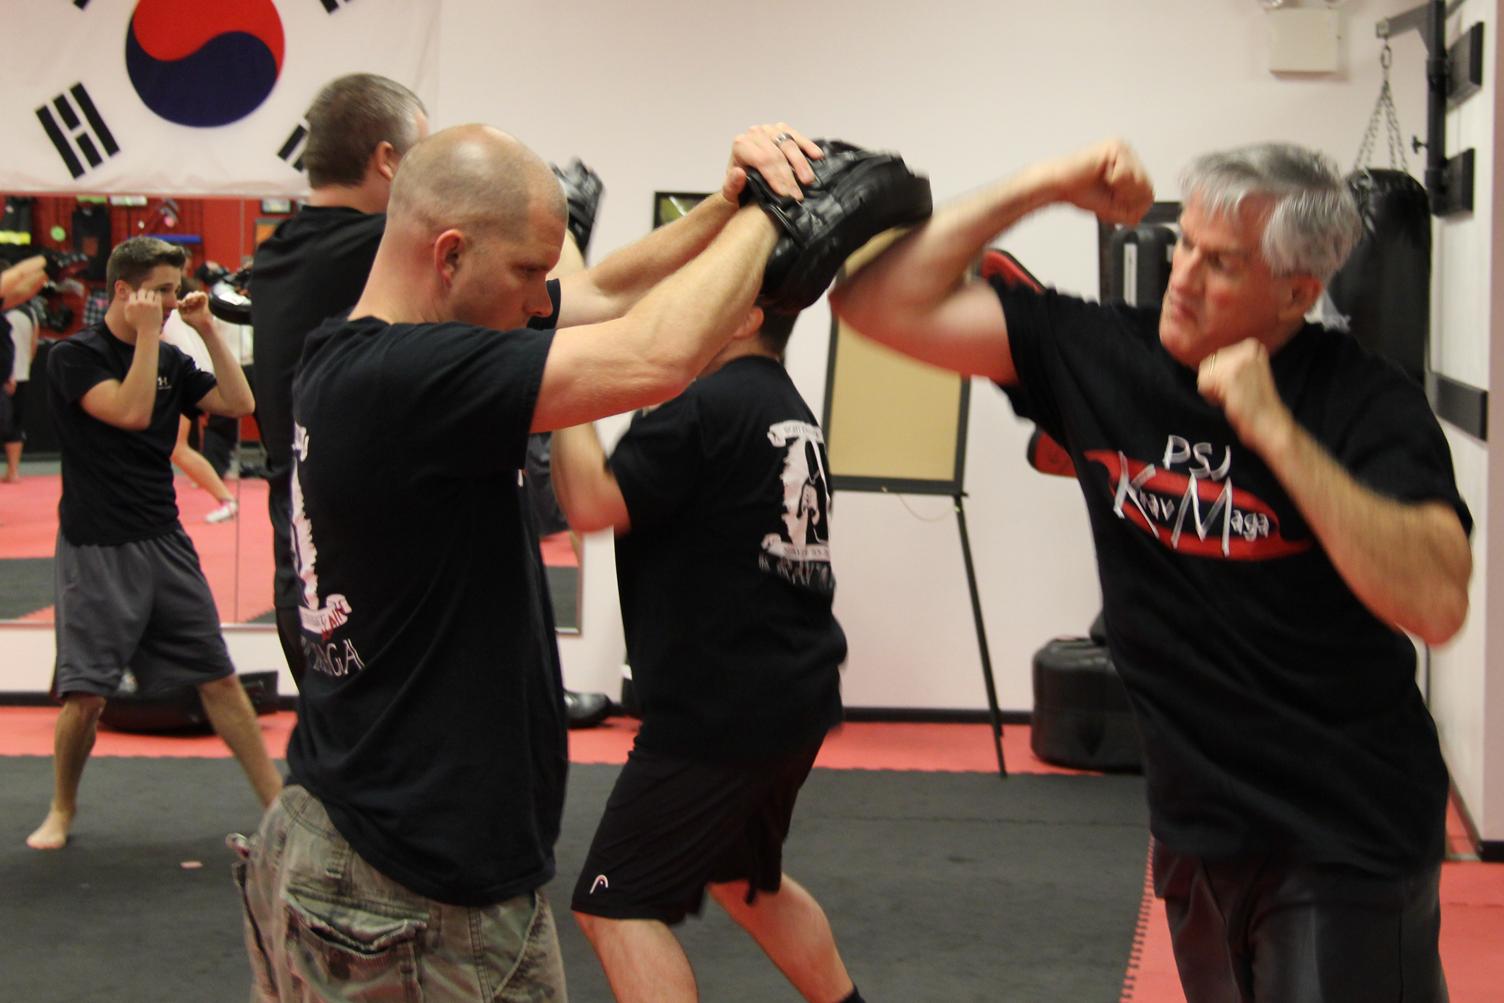 Warrior Krav Maga – Port St John Warrior Krav Maga And Kickboxing